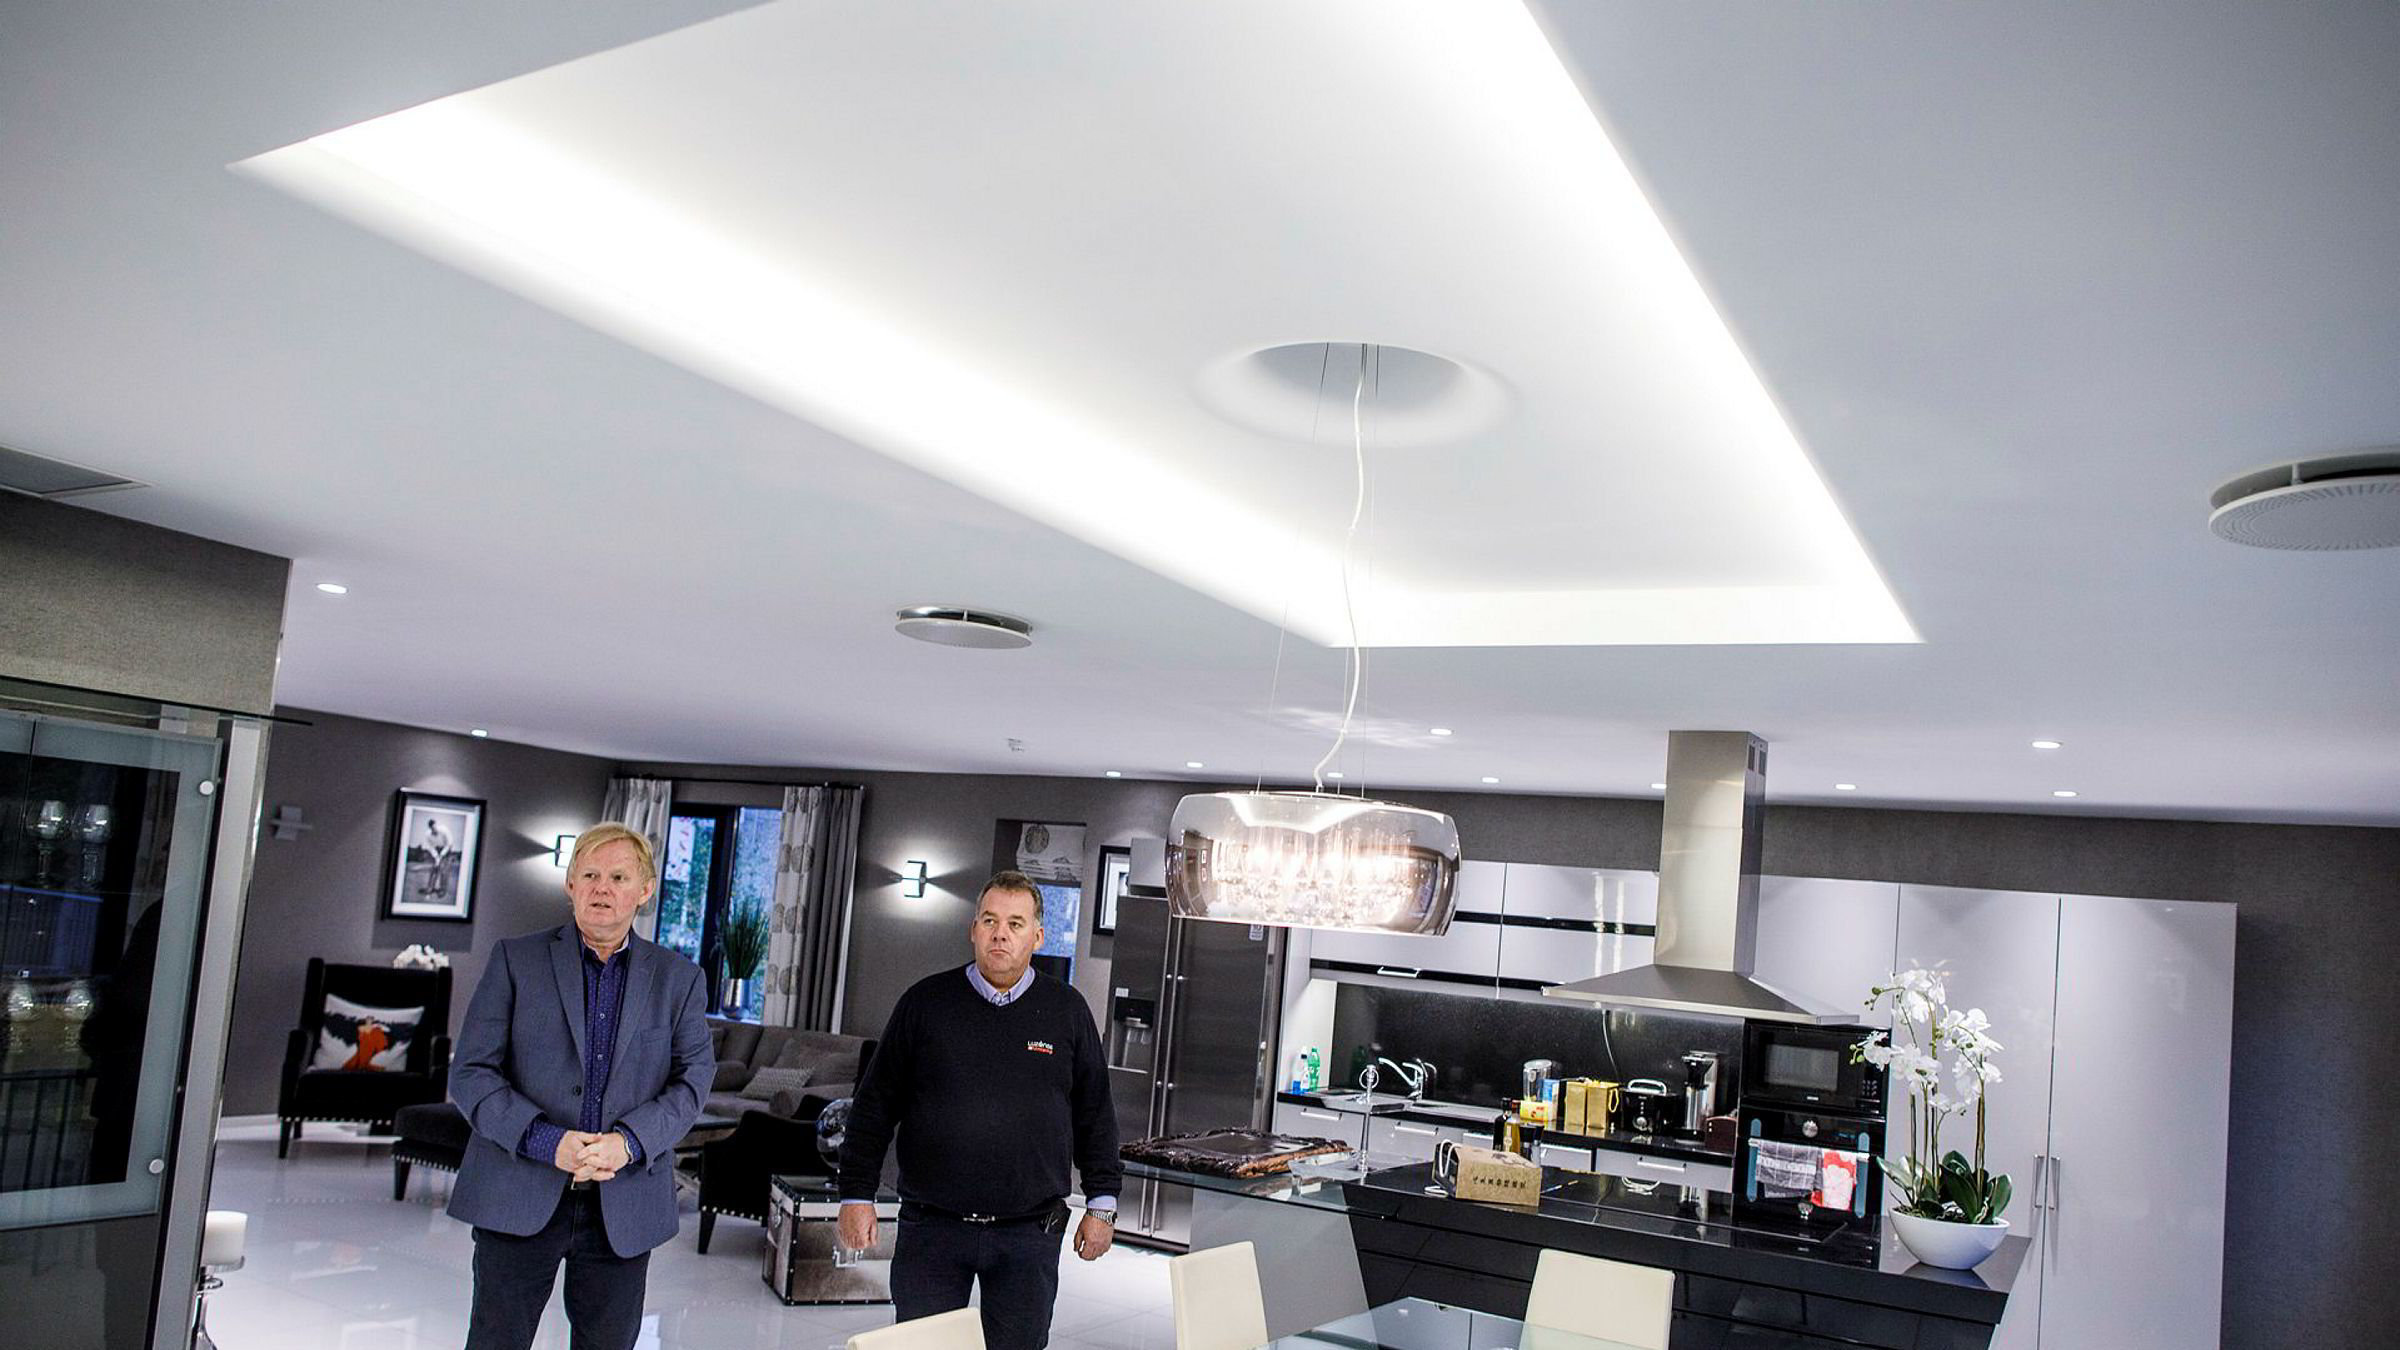 Unilamp Nordens gründer og administrerende direktør Per Norman Nielsen (til venstre) med markedsdirektør Ståle Brandt i leiligheten de har bygget for å vise frem lampeprodukter.